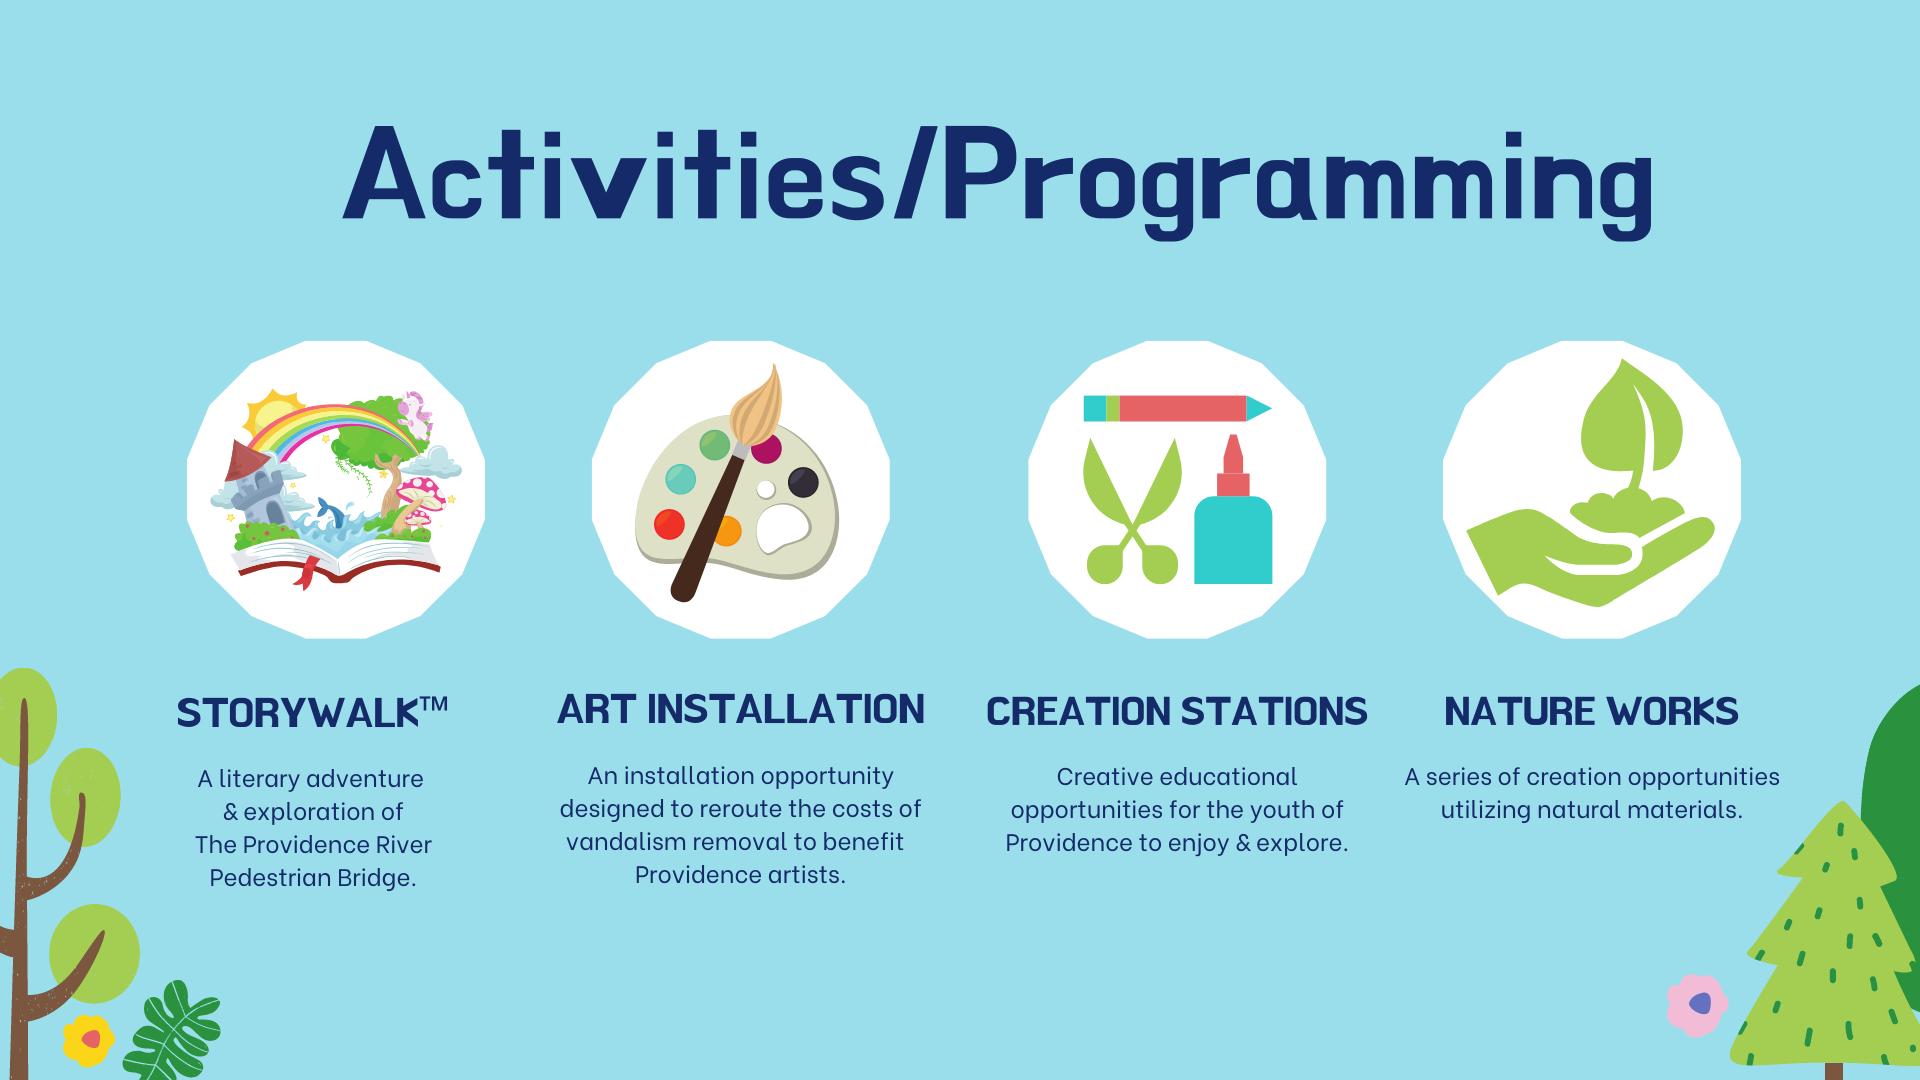 Activities_Programming Overview